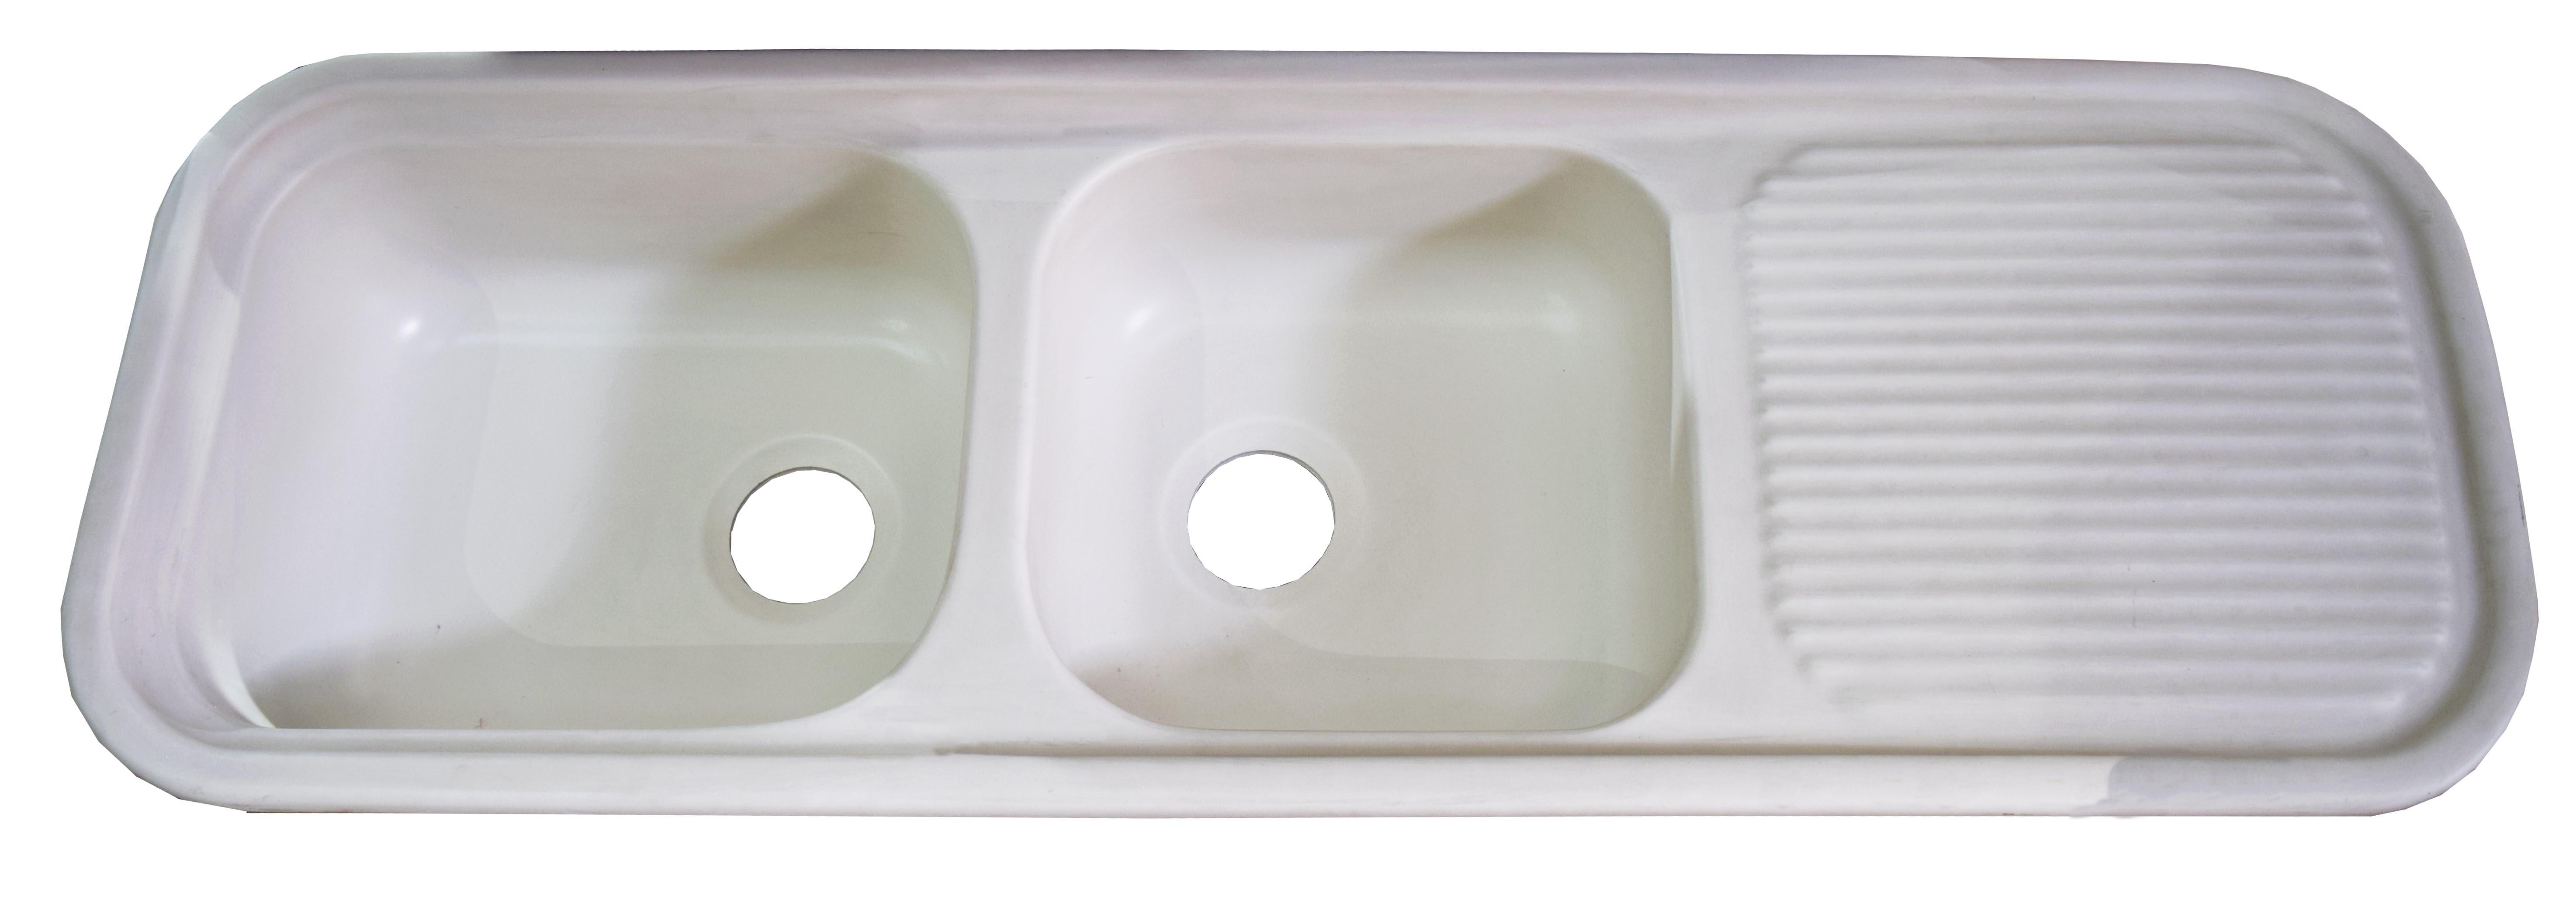 Kitchen Sink Bowl Plastic Thetford Spinflo Kitchen Sink Plastic ...